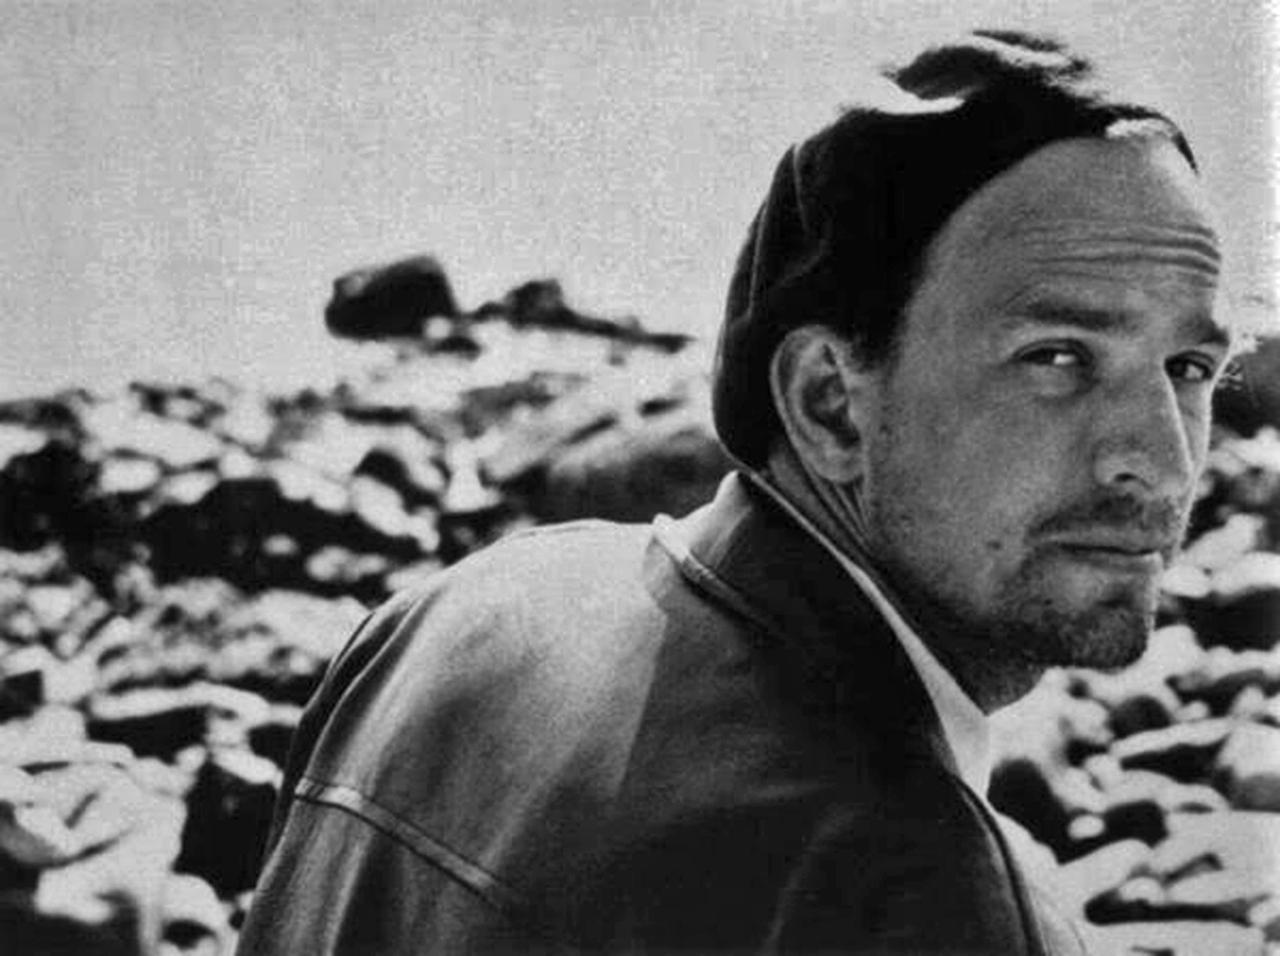 Ingmar Bergman -  Persona